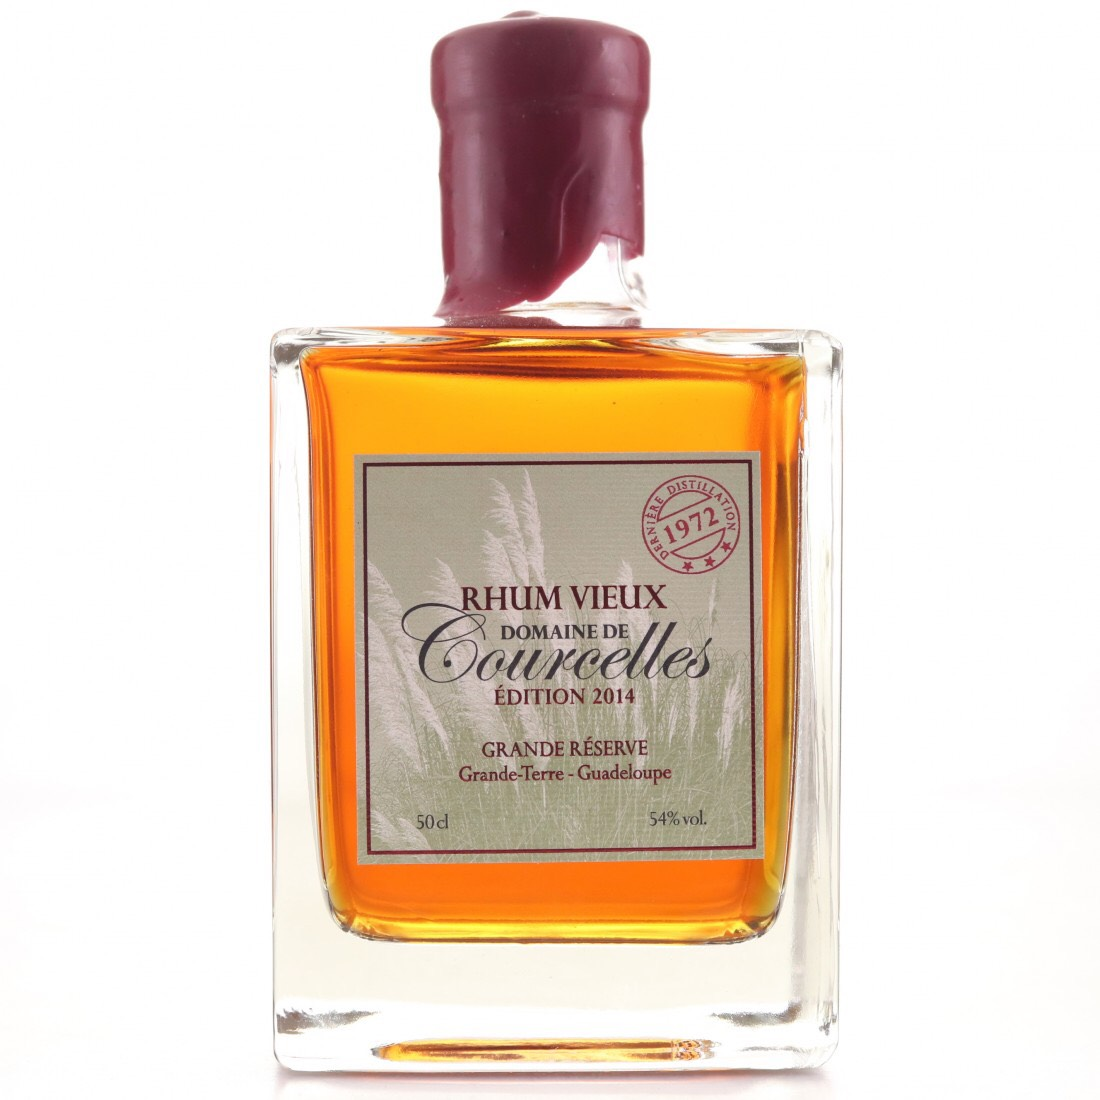 Bottle image of Rhum Vieux Édition 2014